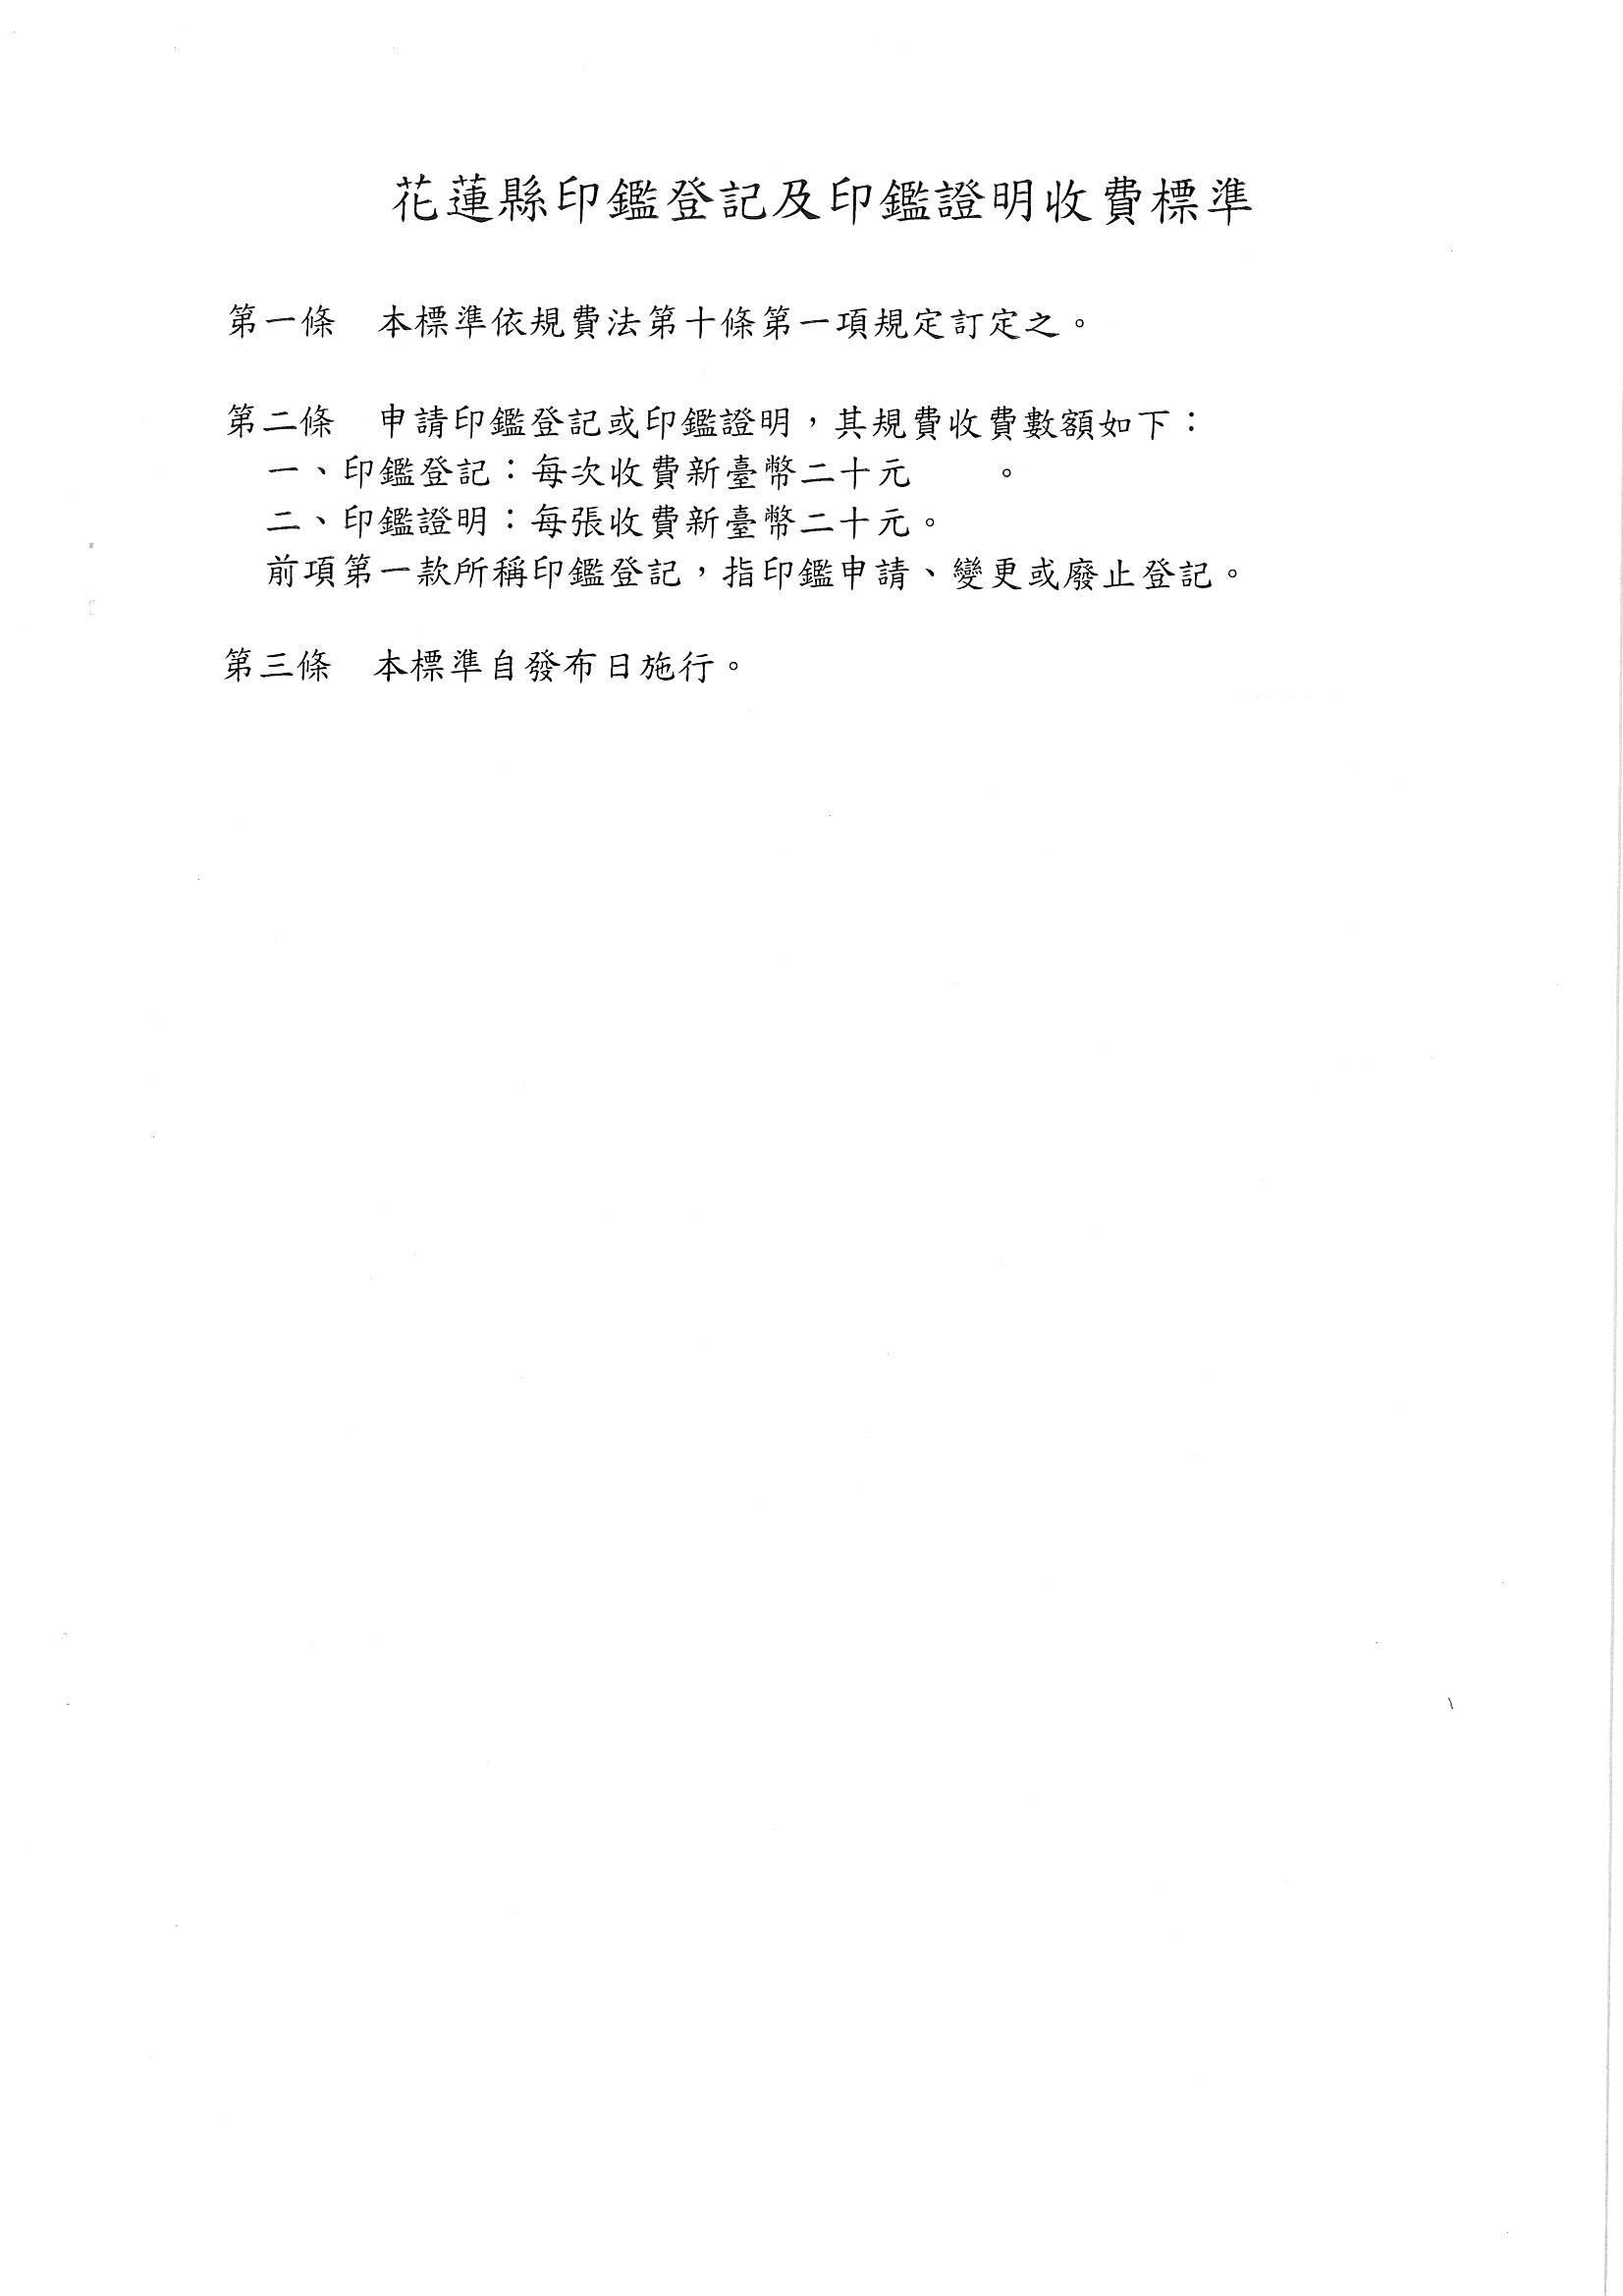 府民戶字第1090254598A號令_頁面_3